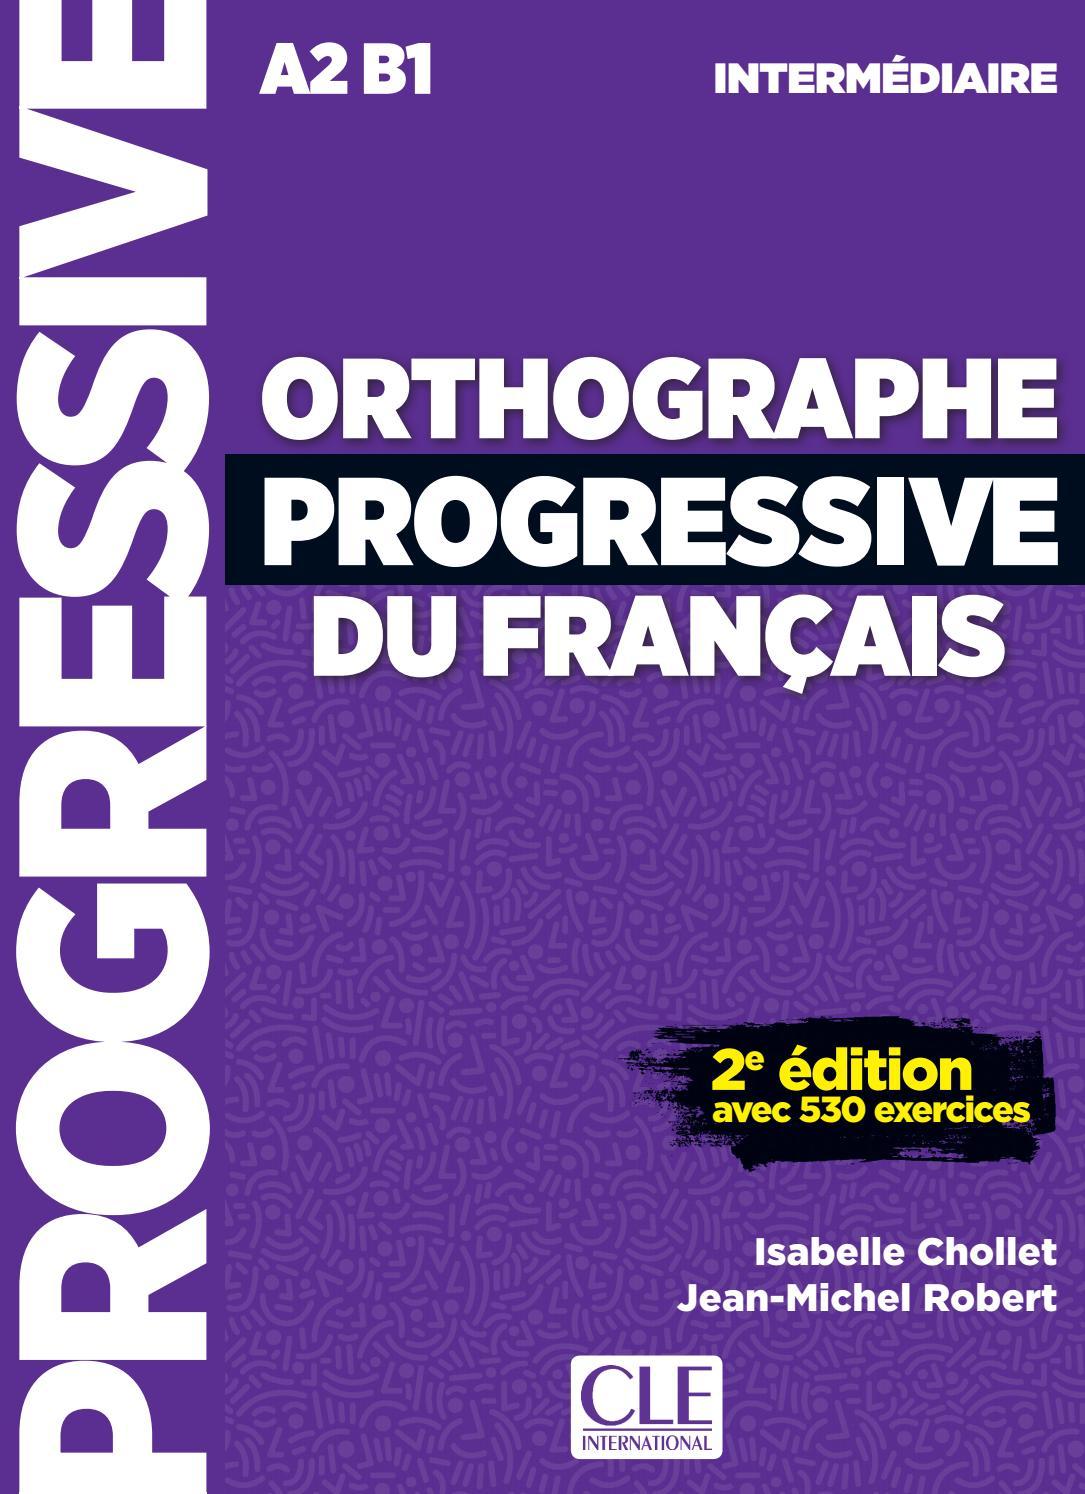 Orthographe Progressive du français A2B1 by CLE ...